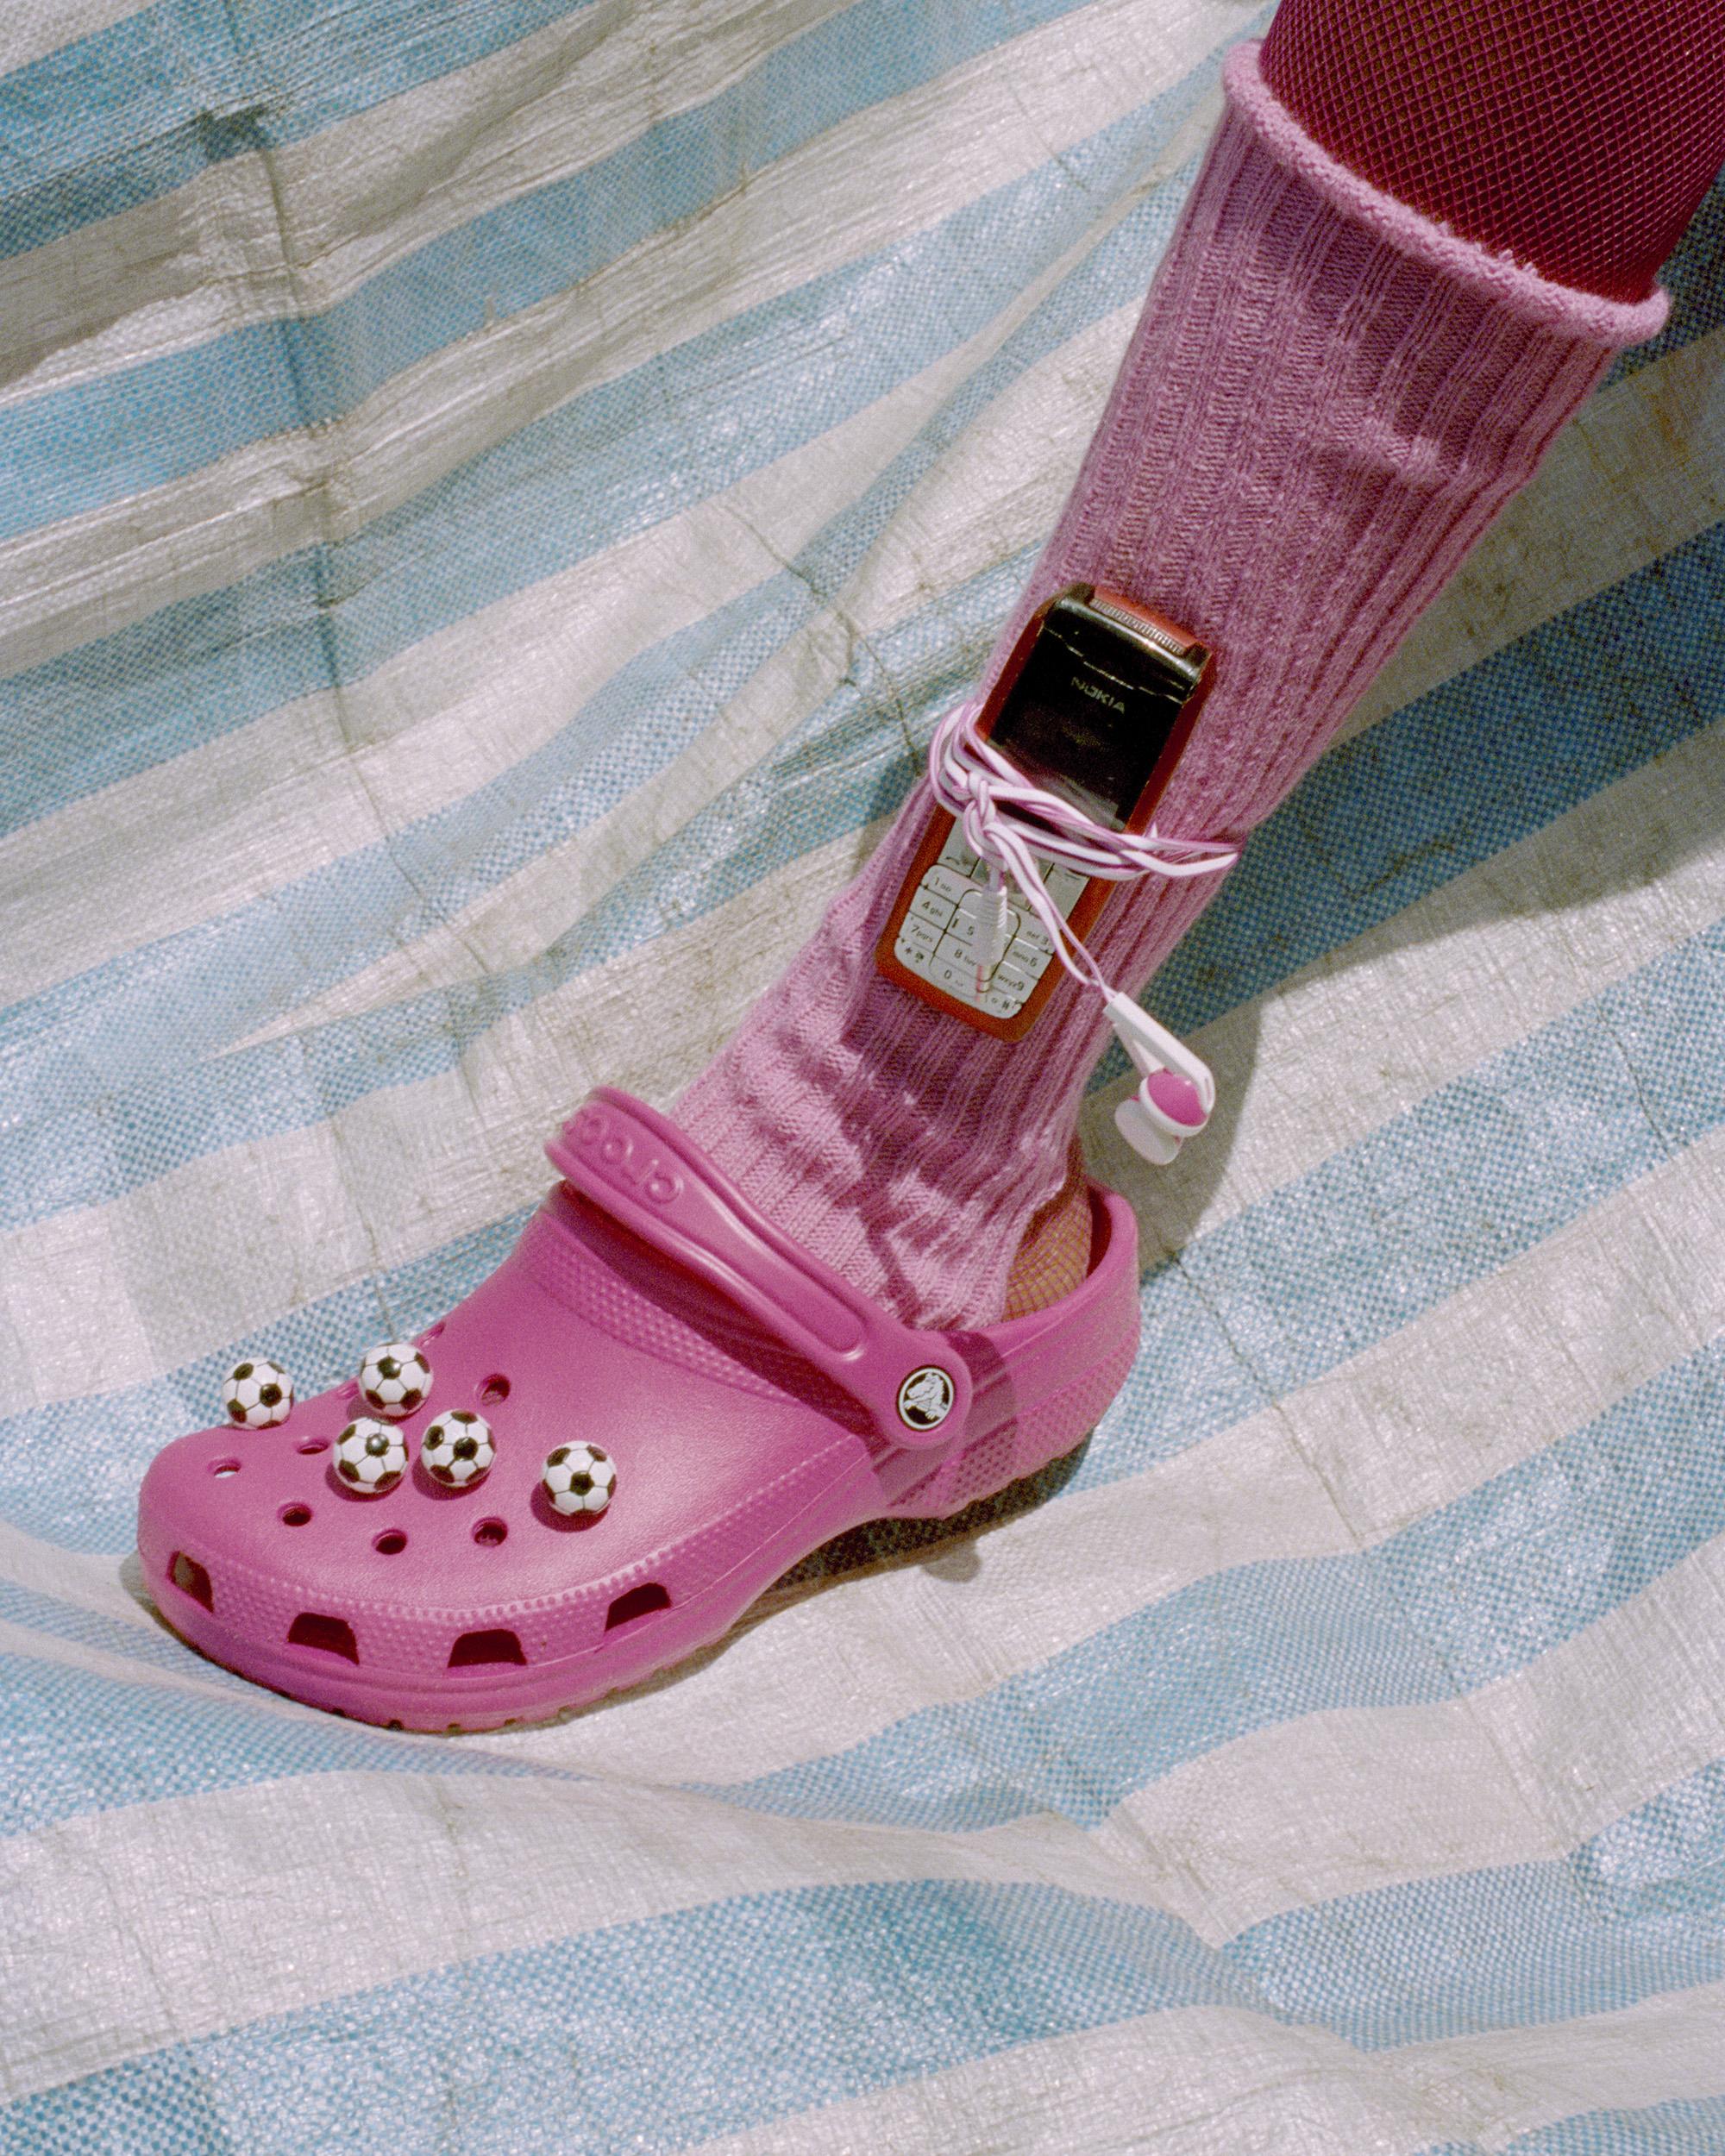 Crocs x Boxpark